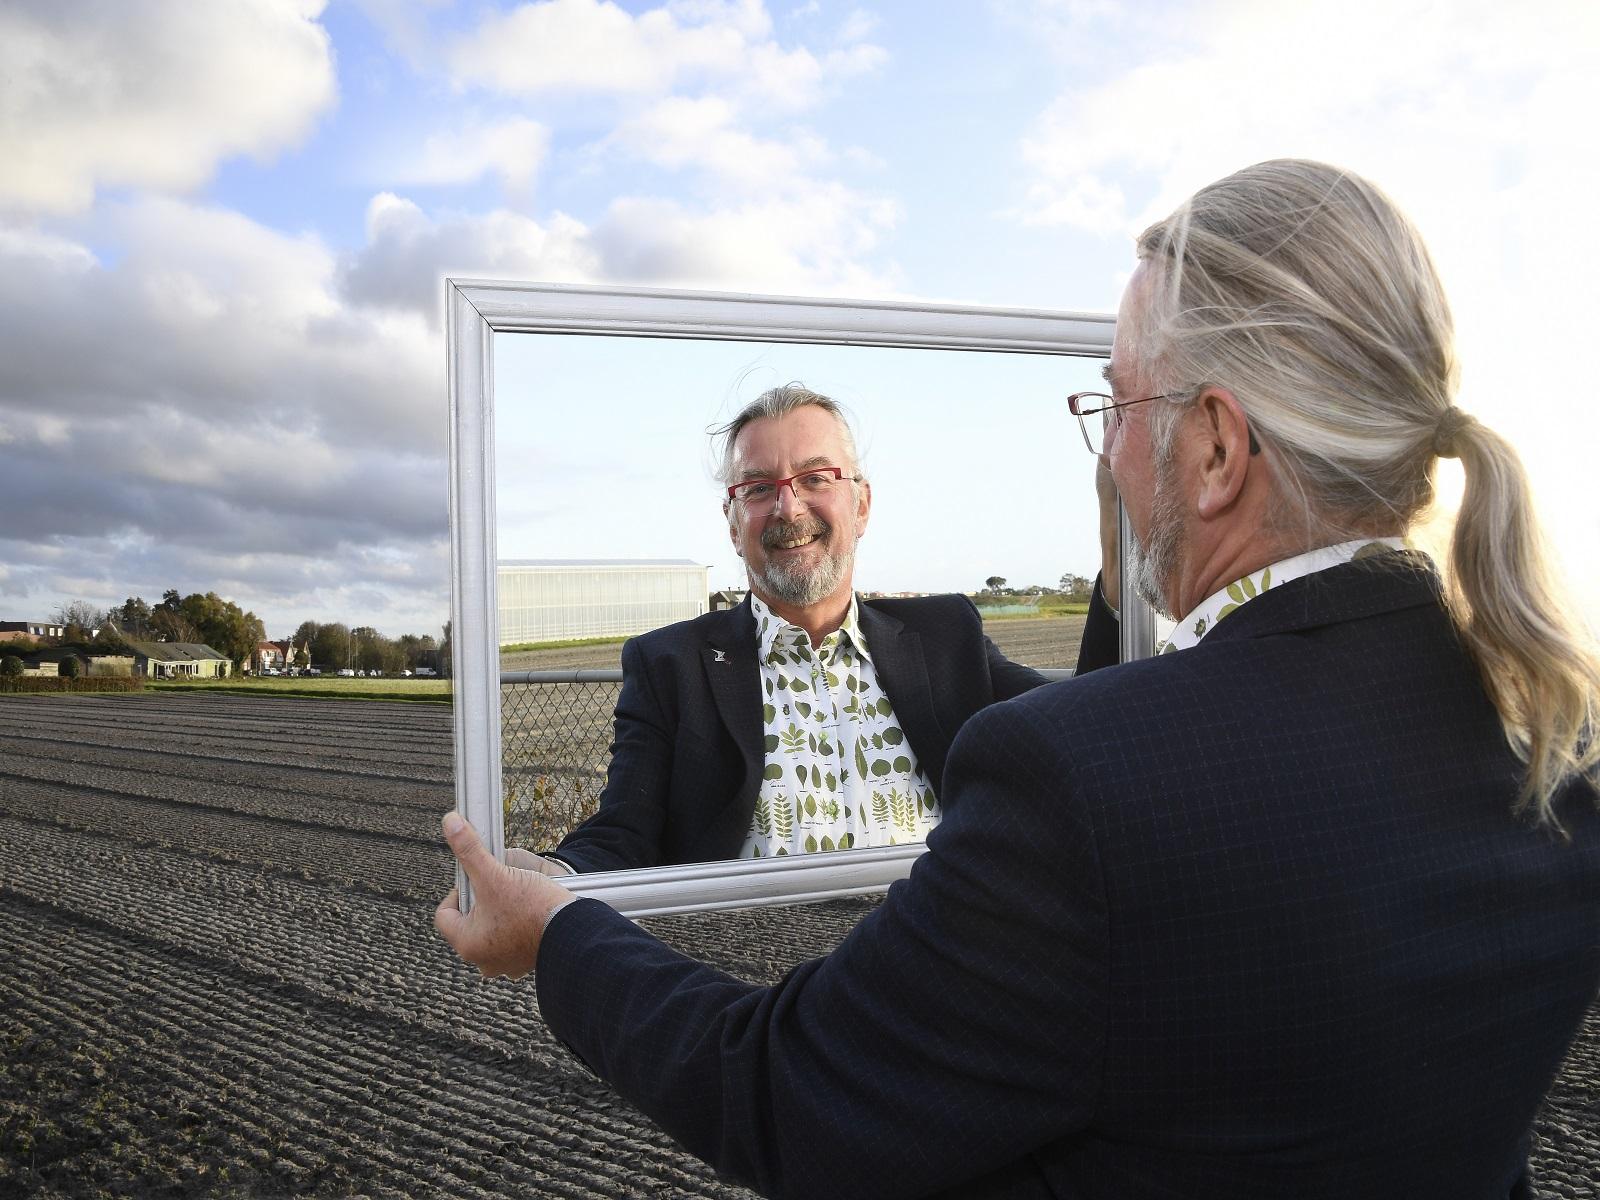 Rob-Baan-in-de-spiegel-greenport-stories